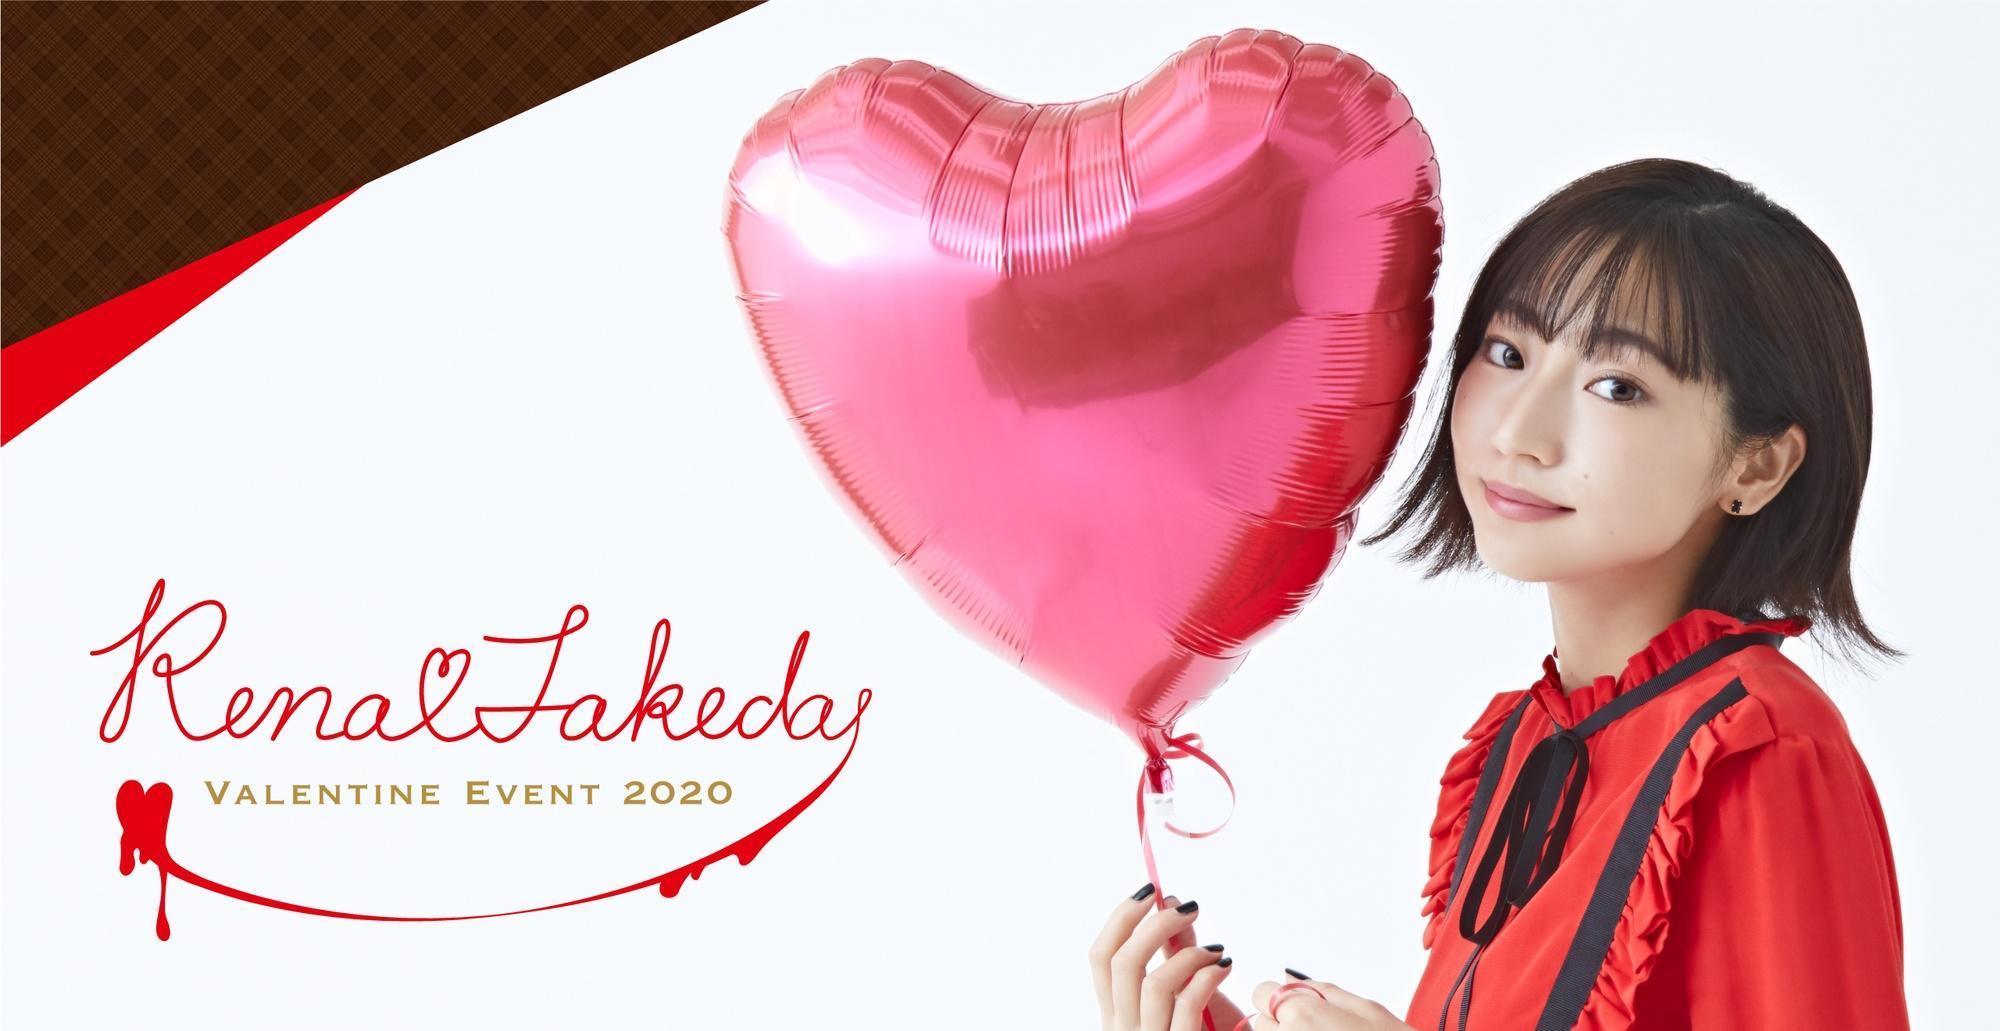 Takeda_202001_banner_0123